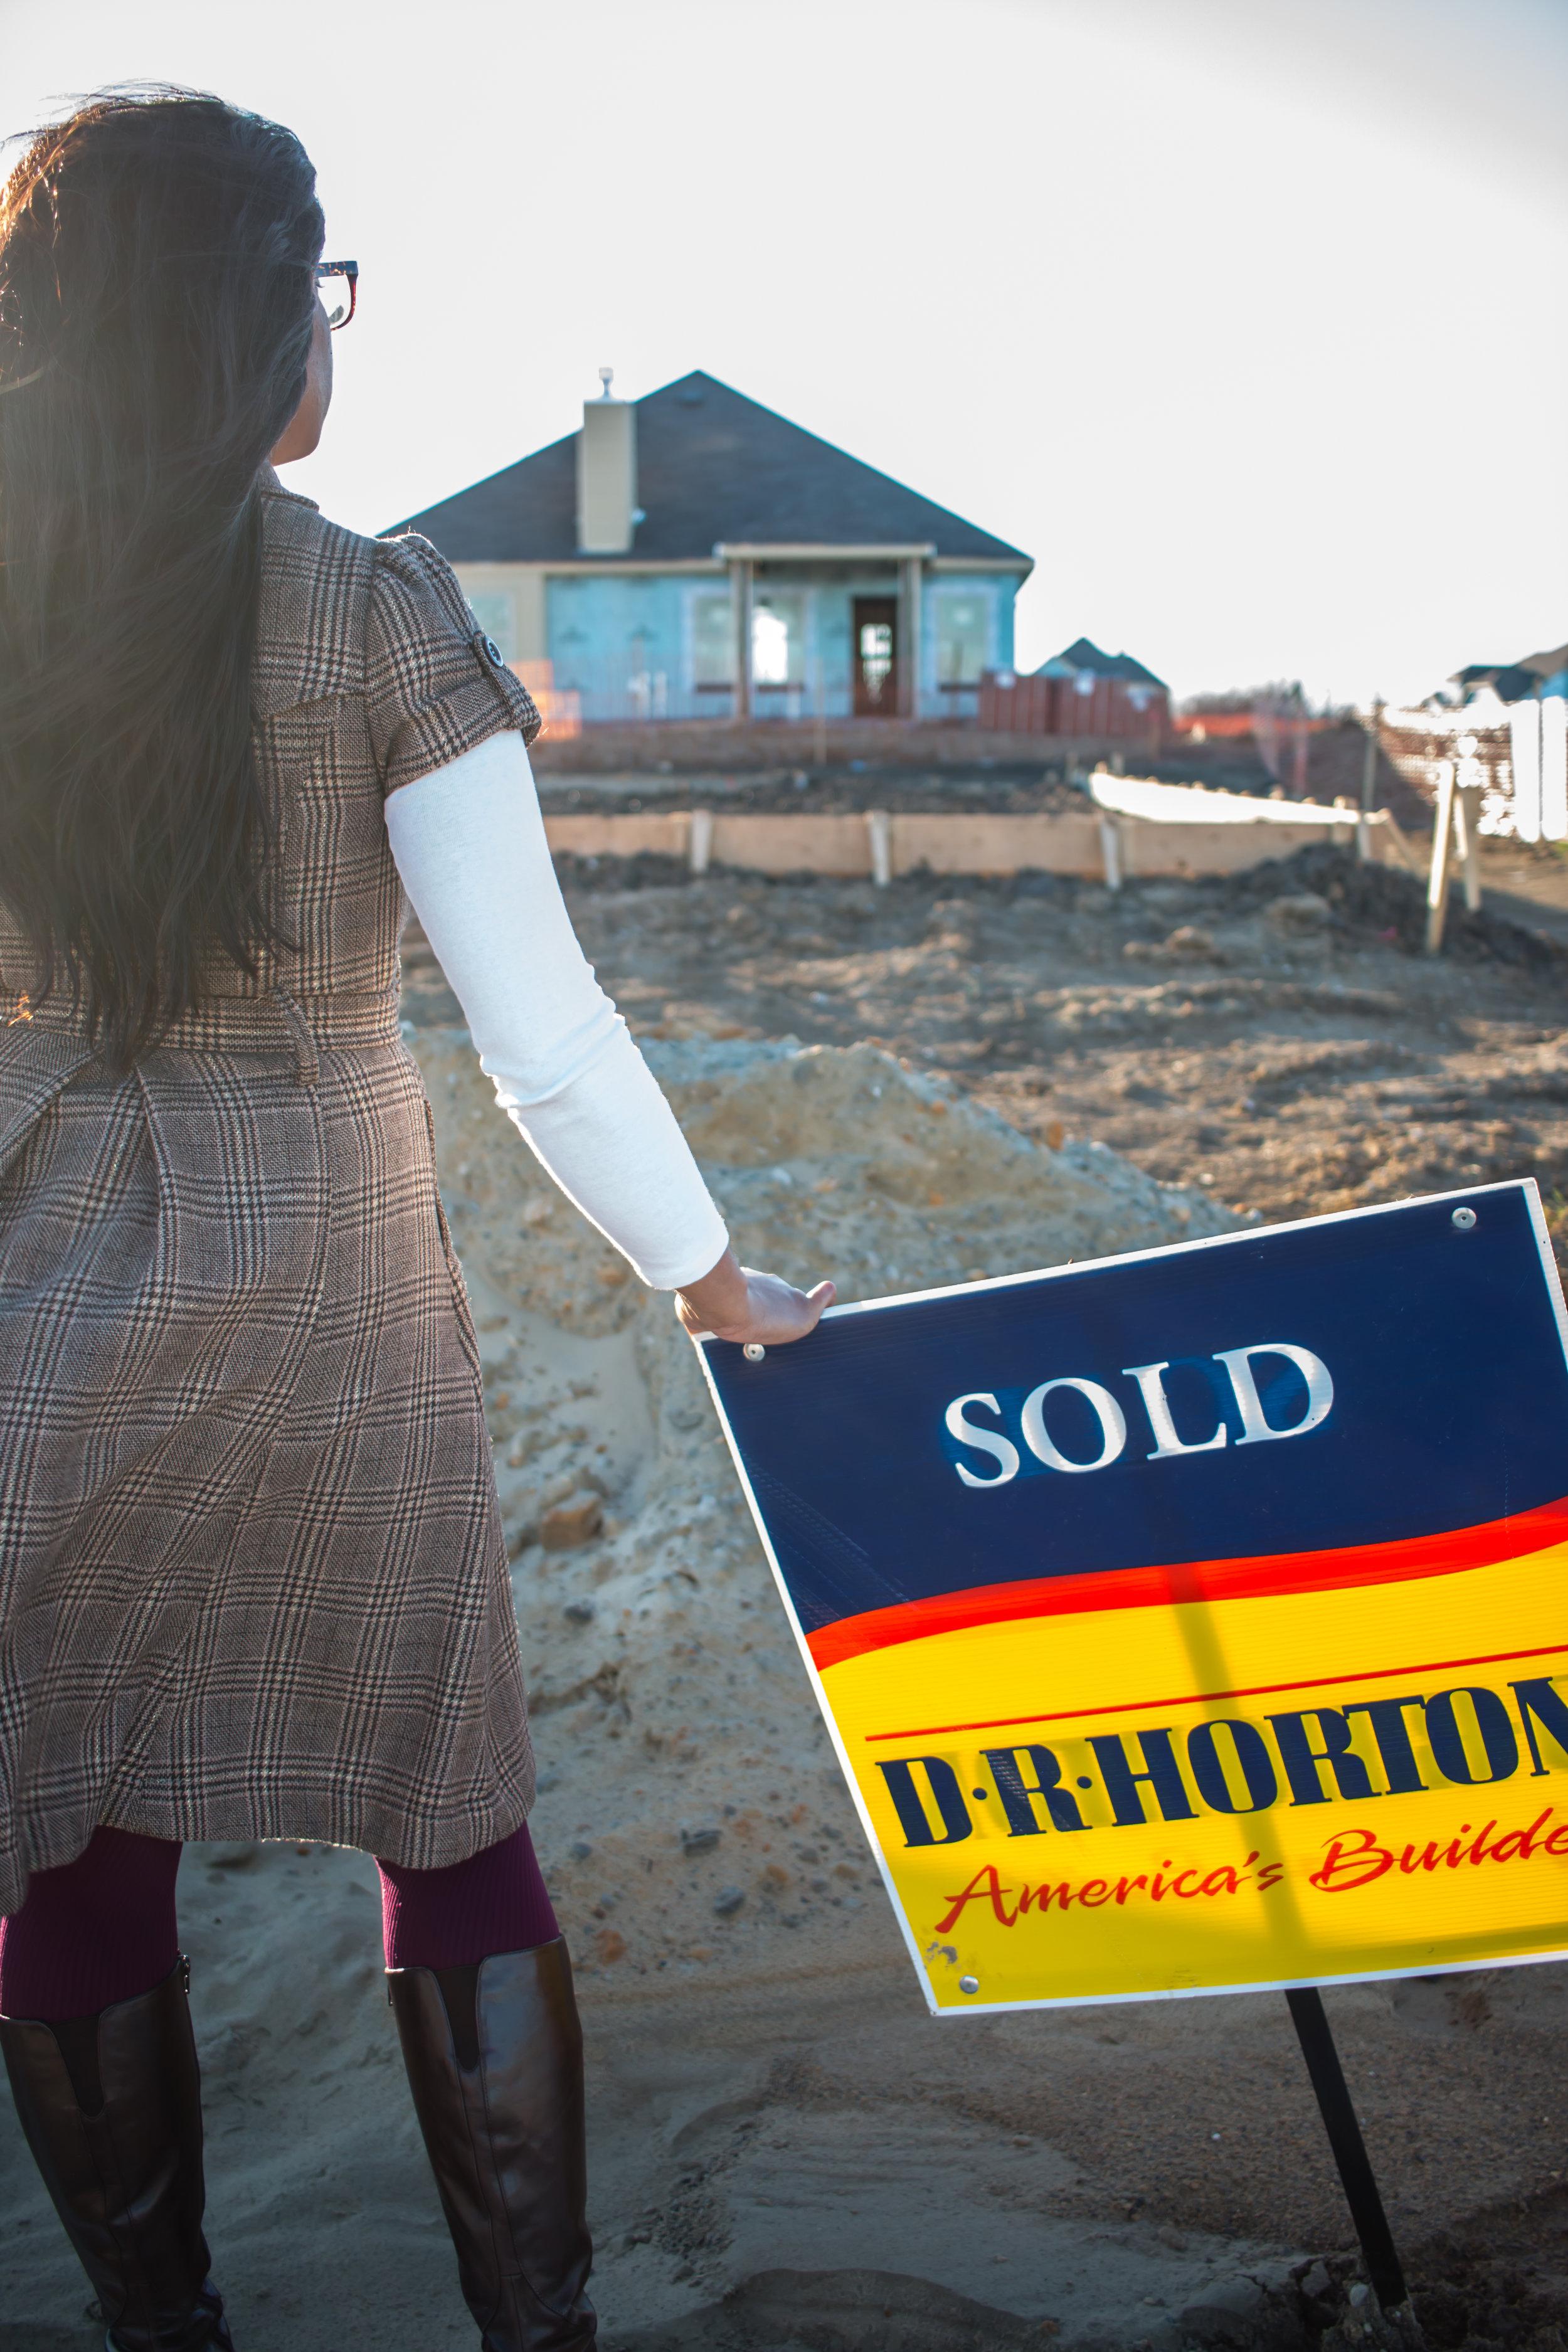 dr-horton-building-your-home-lot